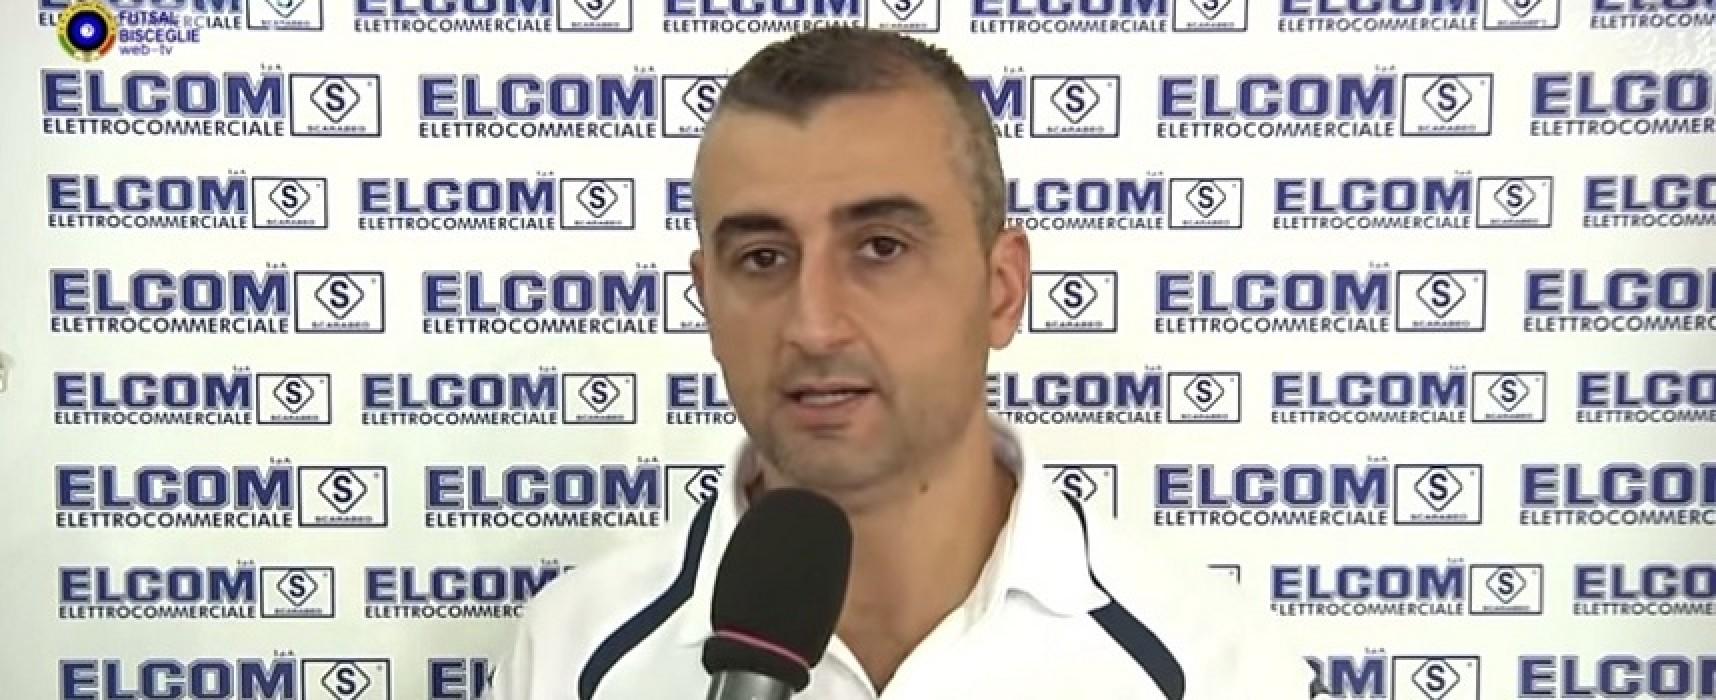 Futsal Barletta-Futsal Bisceglie, le interviste a Ferrazzano e Ventura/VIDEO